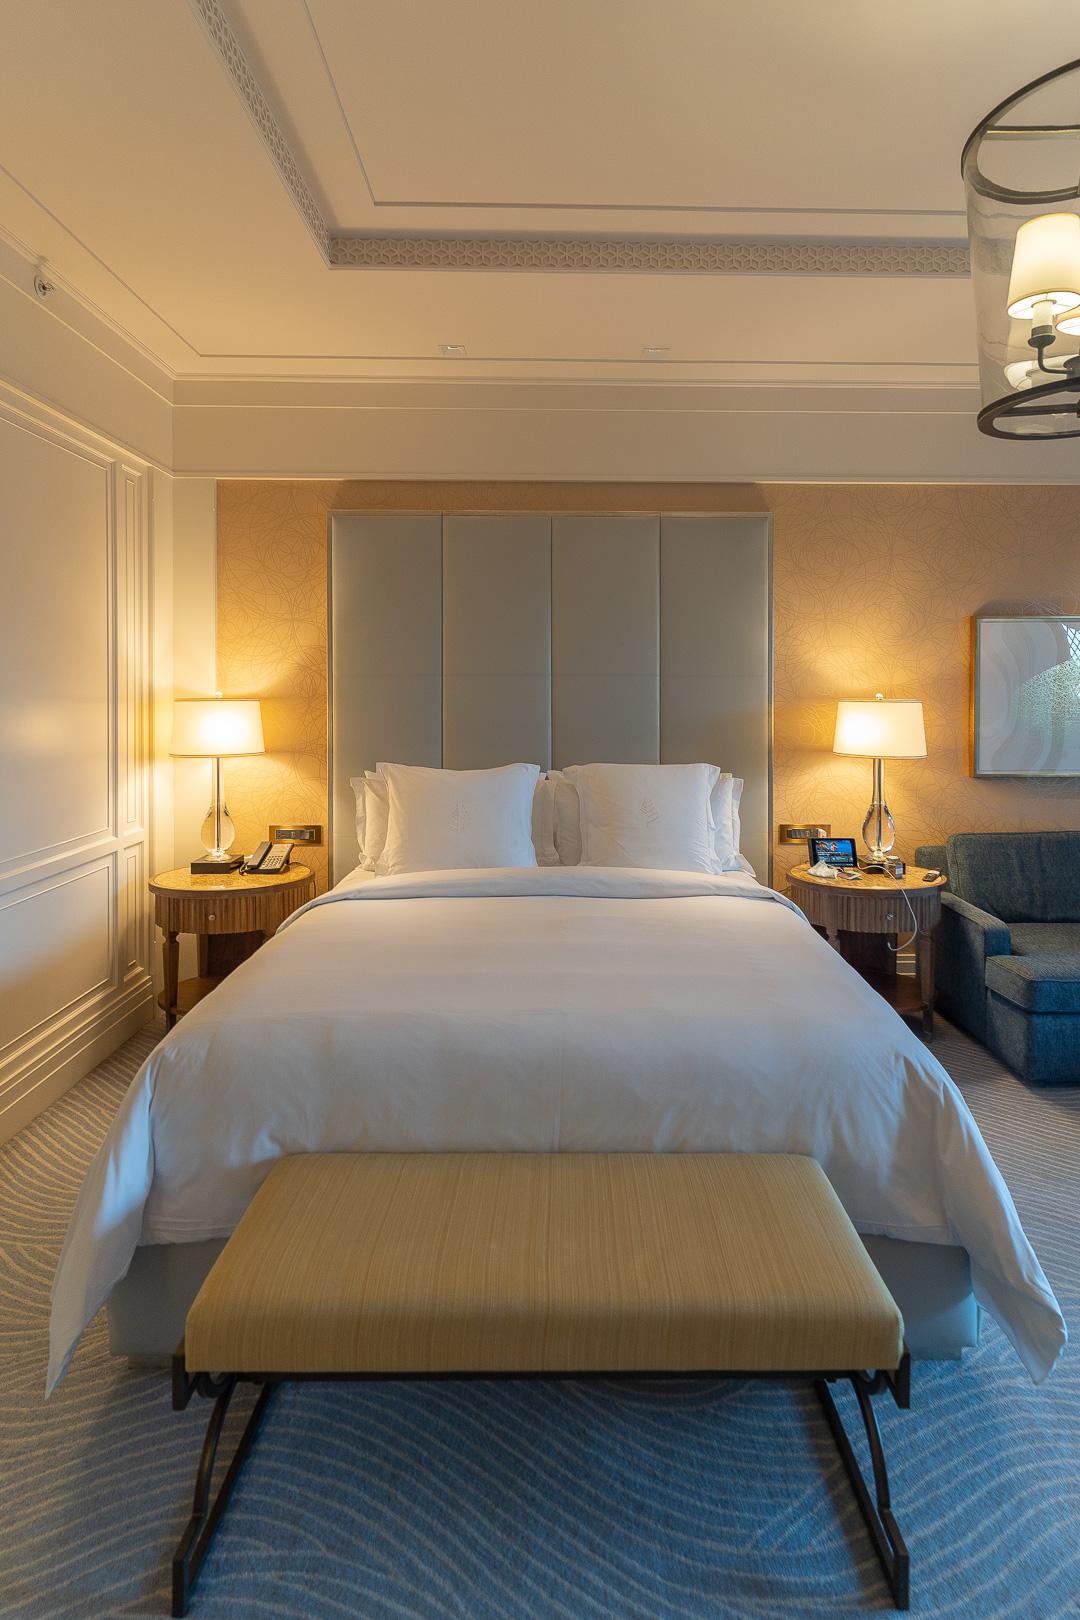 FS Jumeirah 10 - REVIEW - Four Seasons Dubai at Jumeirah Beach : Deluxe City-View Room [COVID-era]